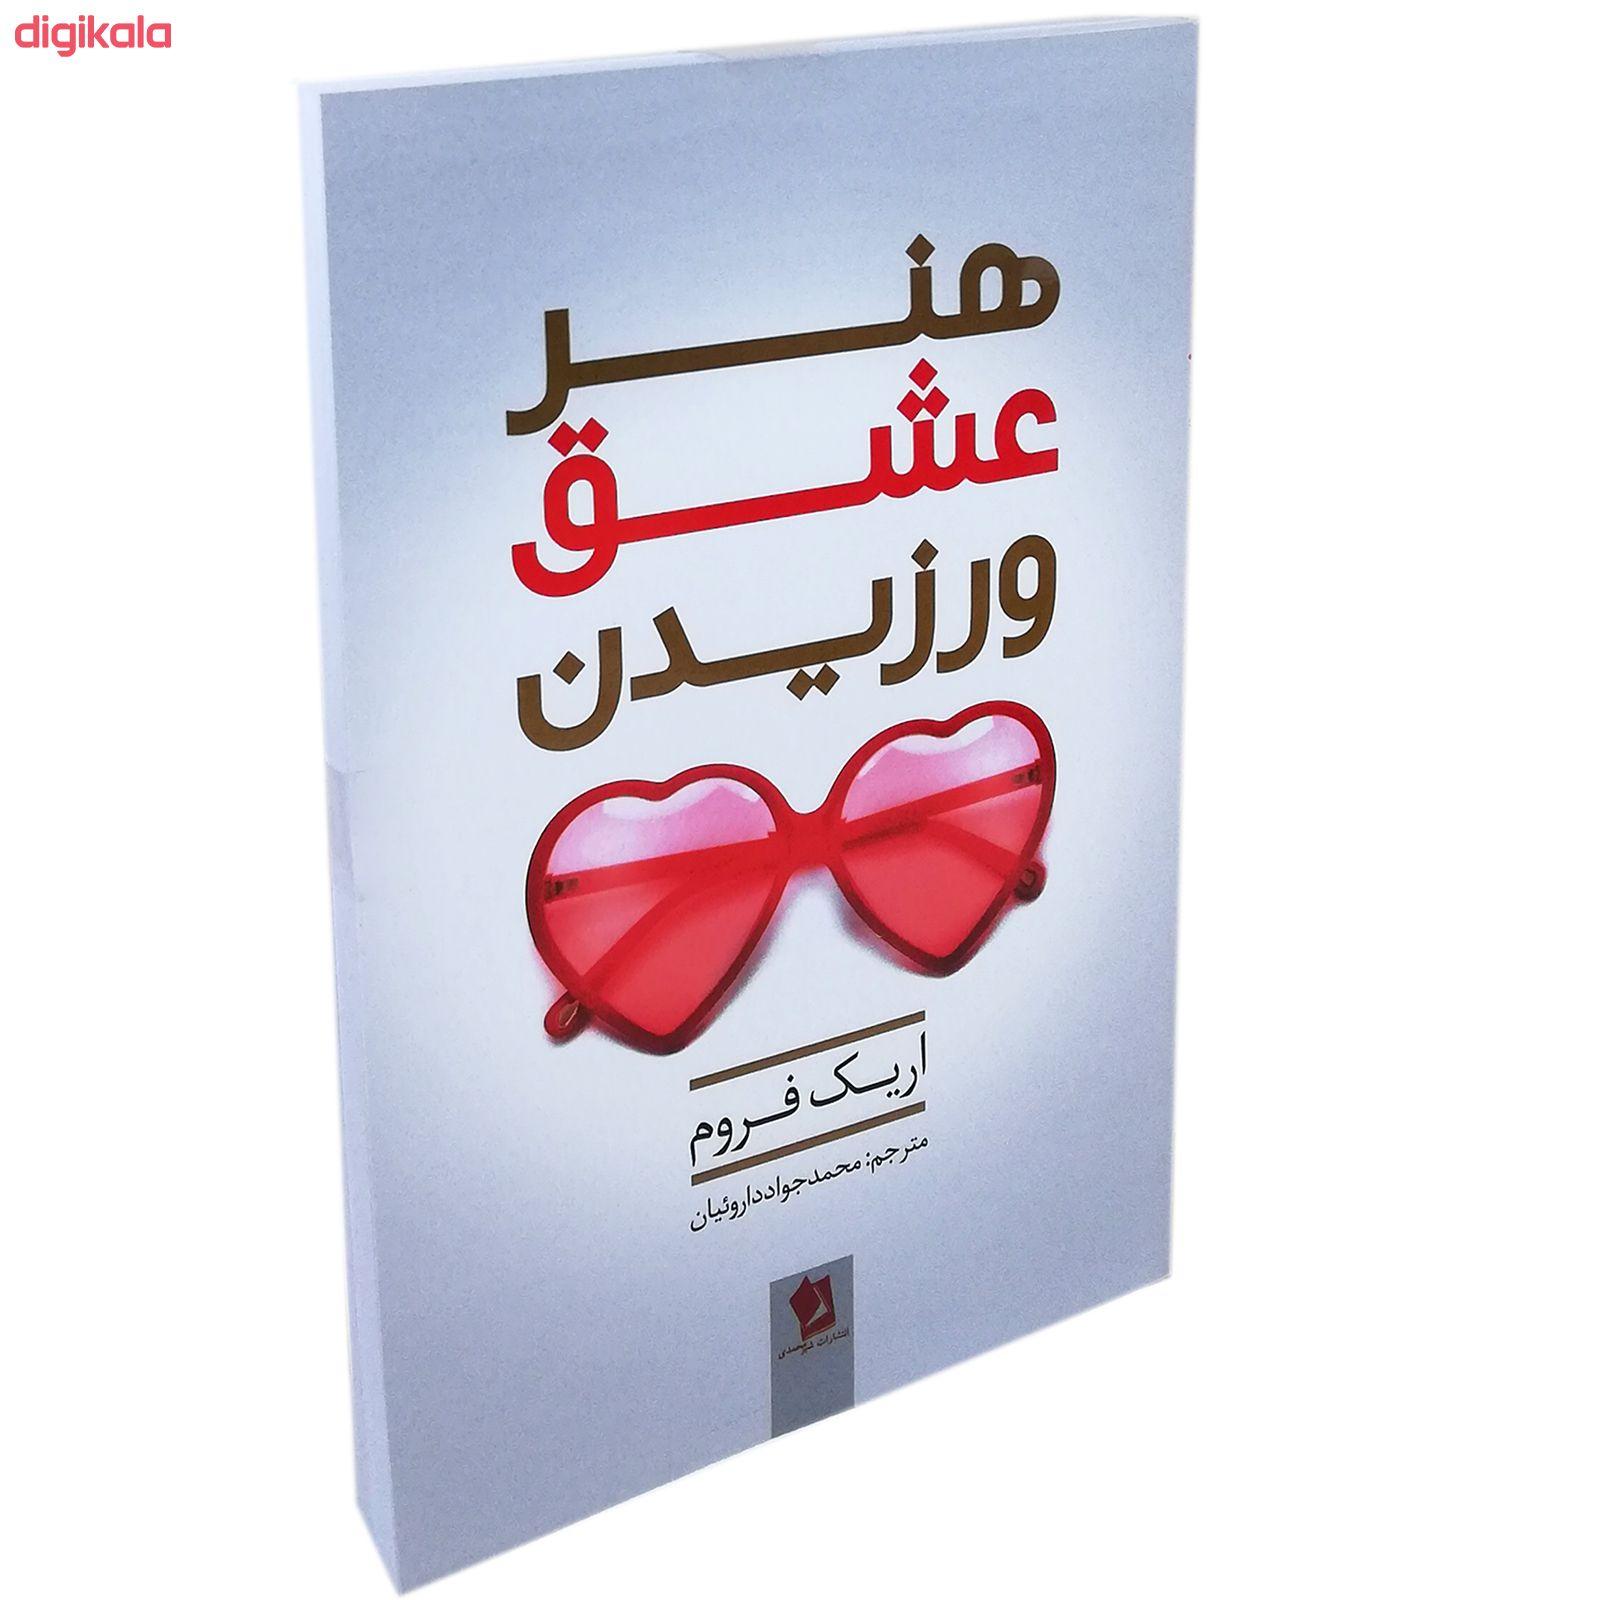 کتاب هنر عشق ورزیدن اثر اریک فروم نشر شیر محمدی main 1 2